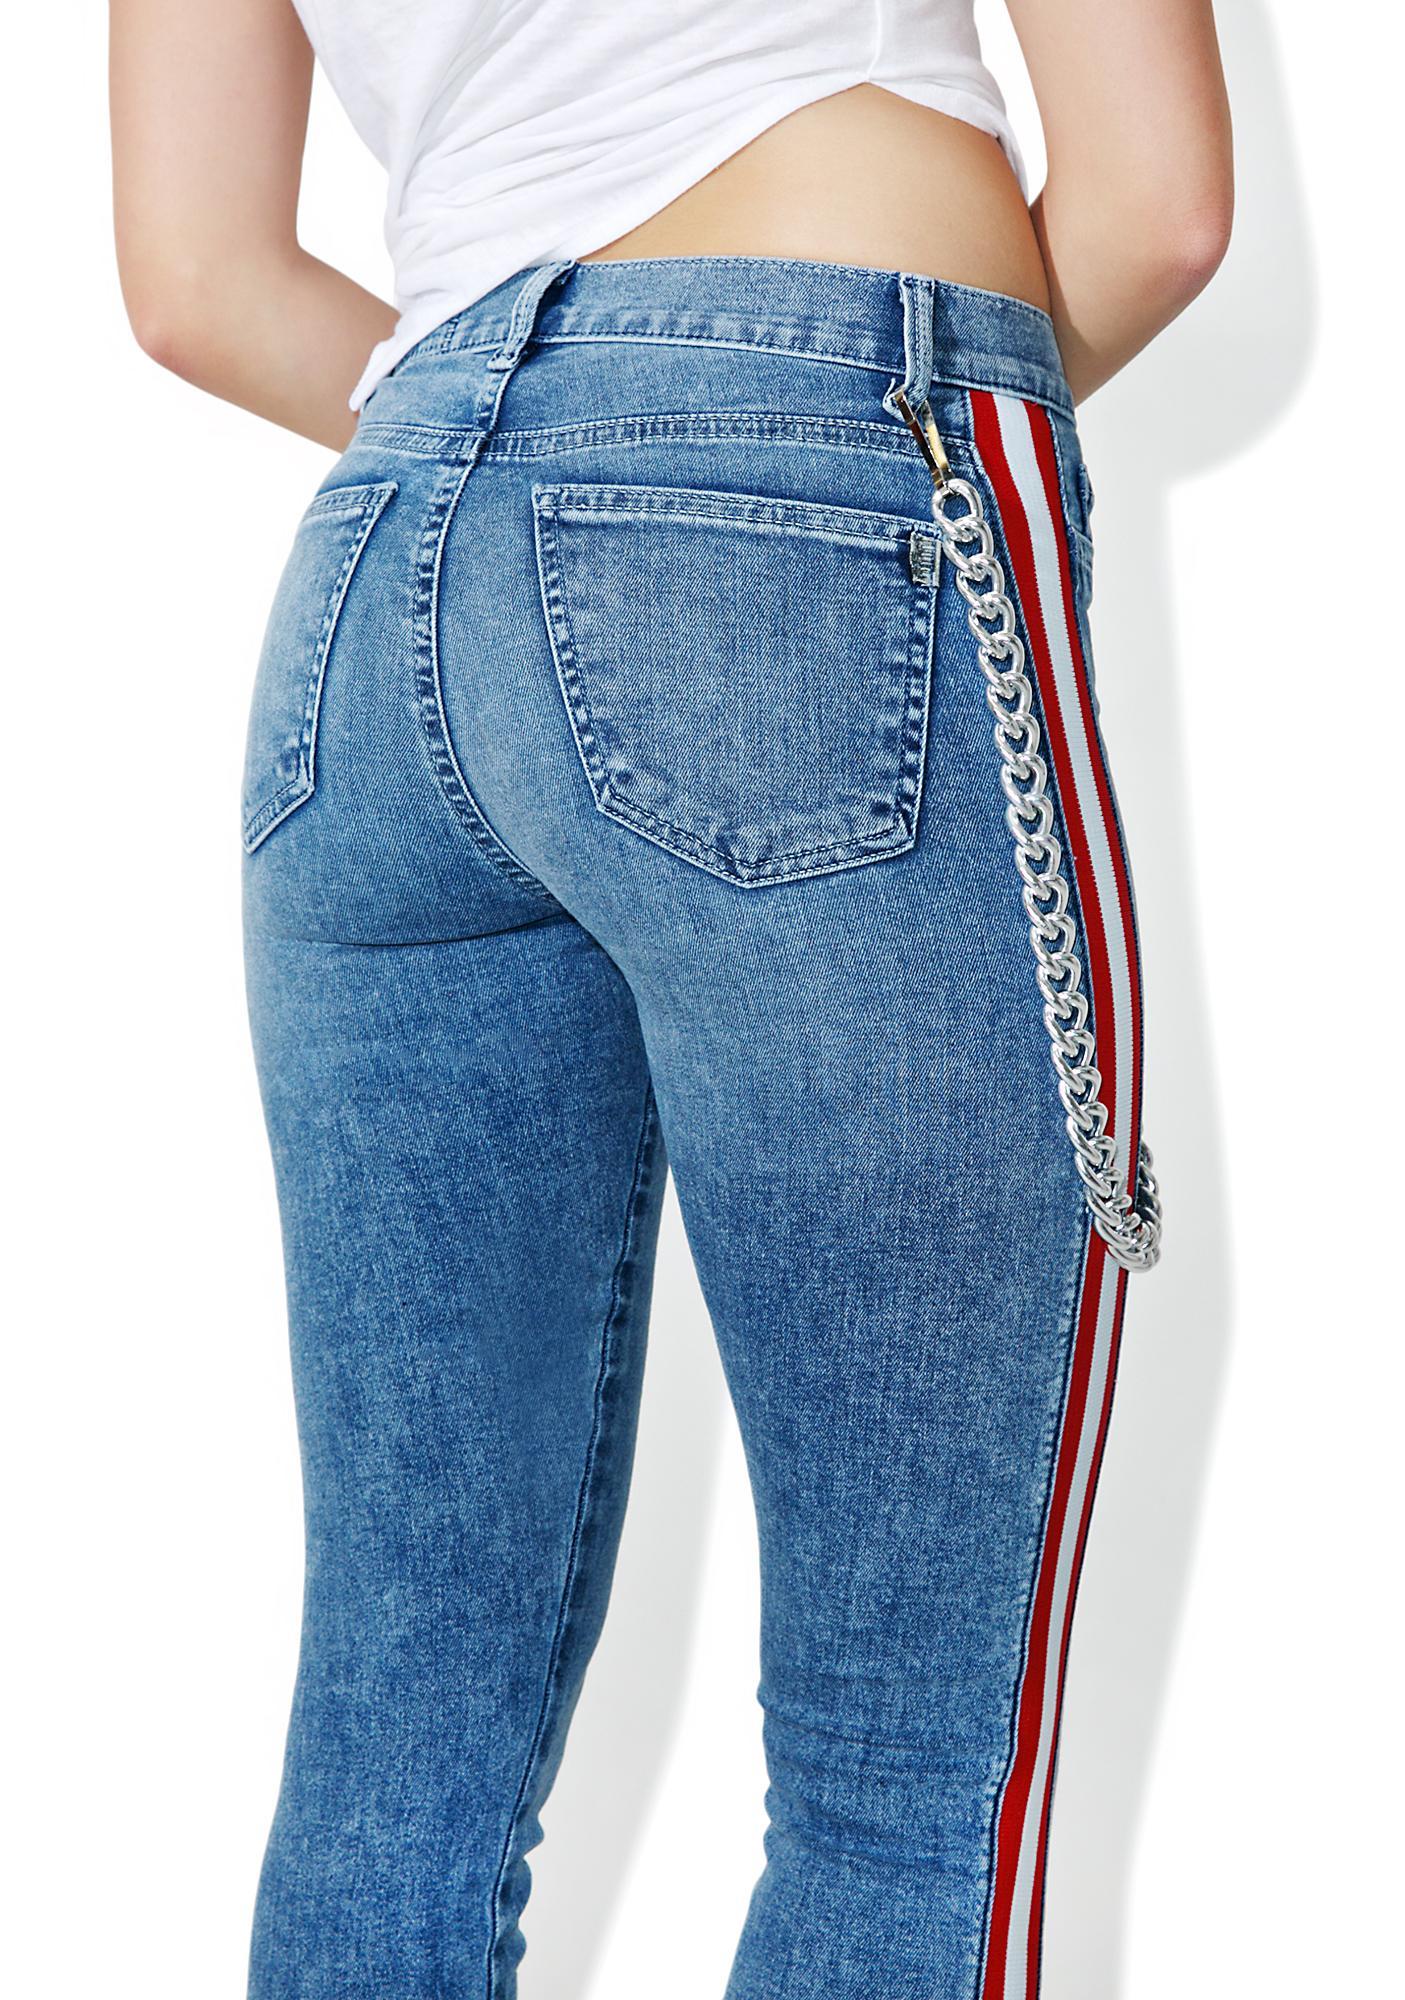 SIWY Denim Mattie High Waist Tuxedo Skinny Jeans